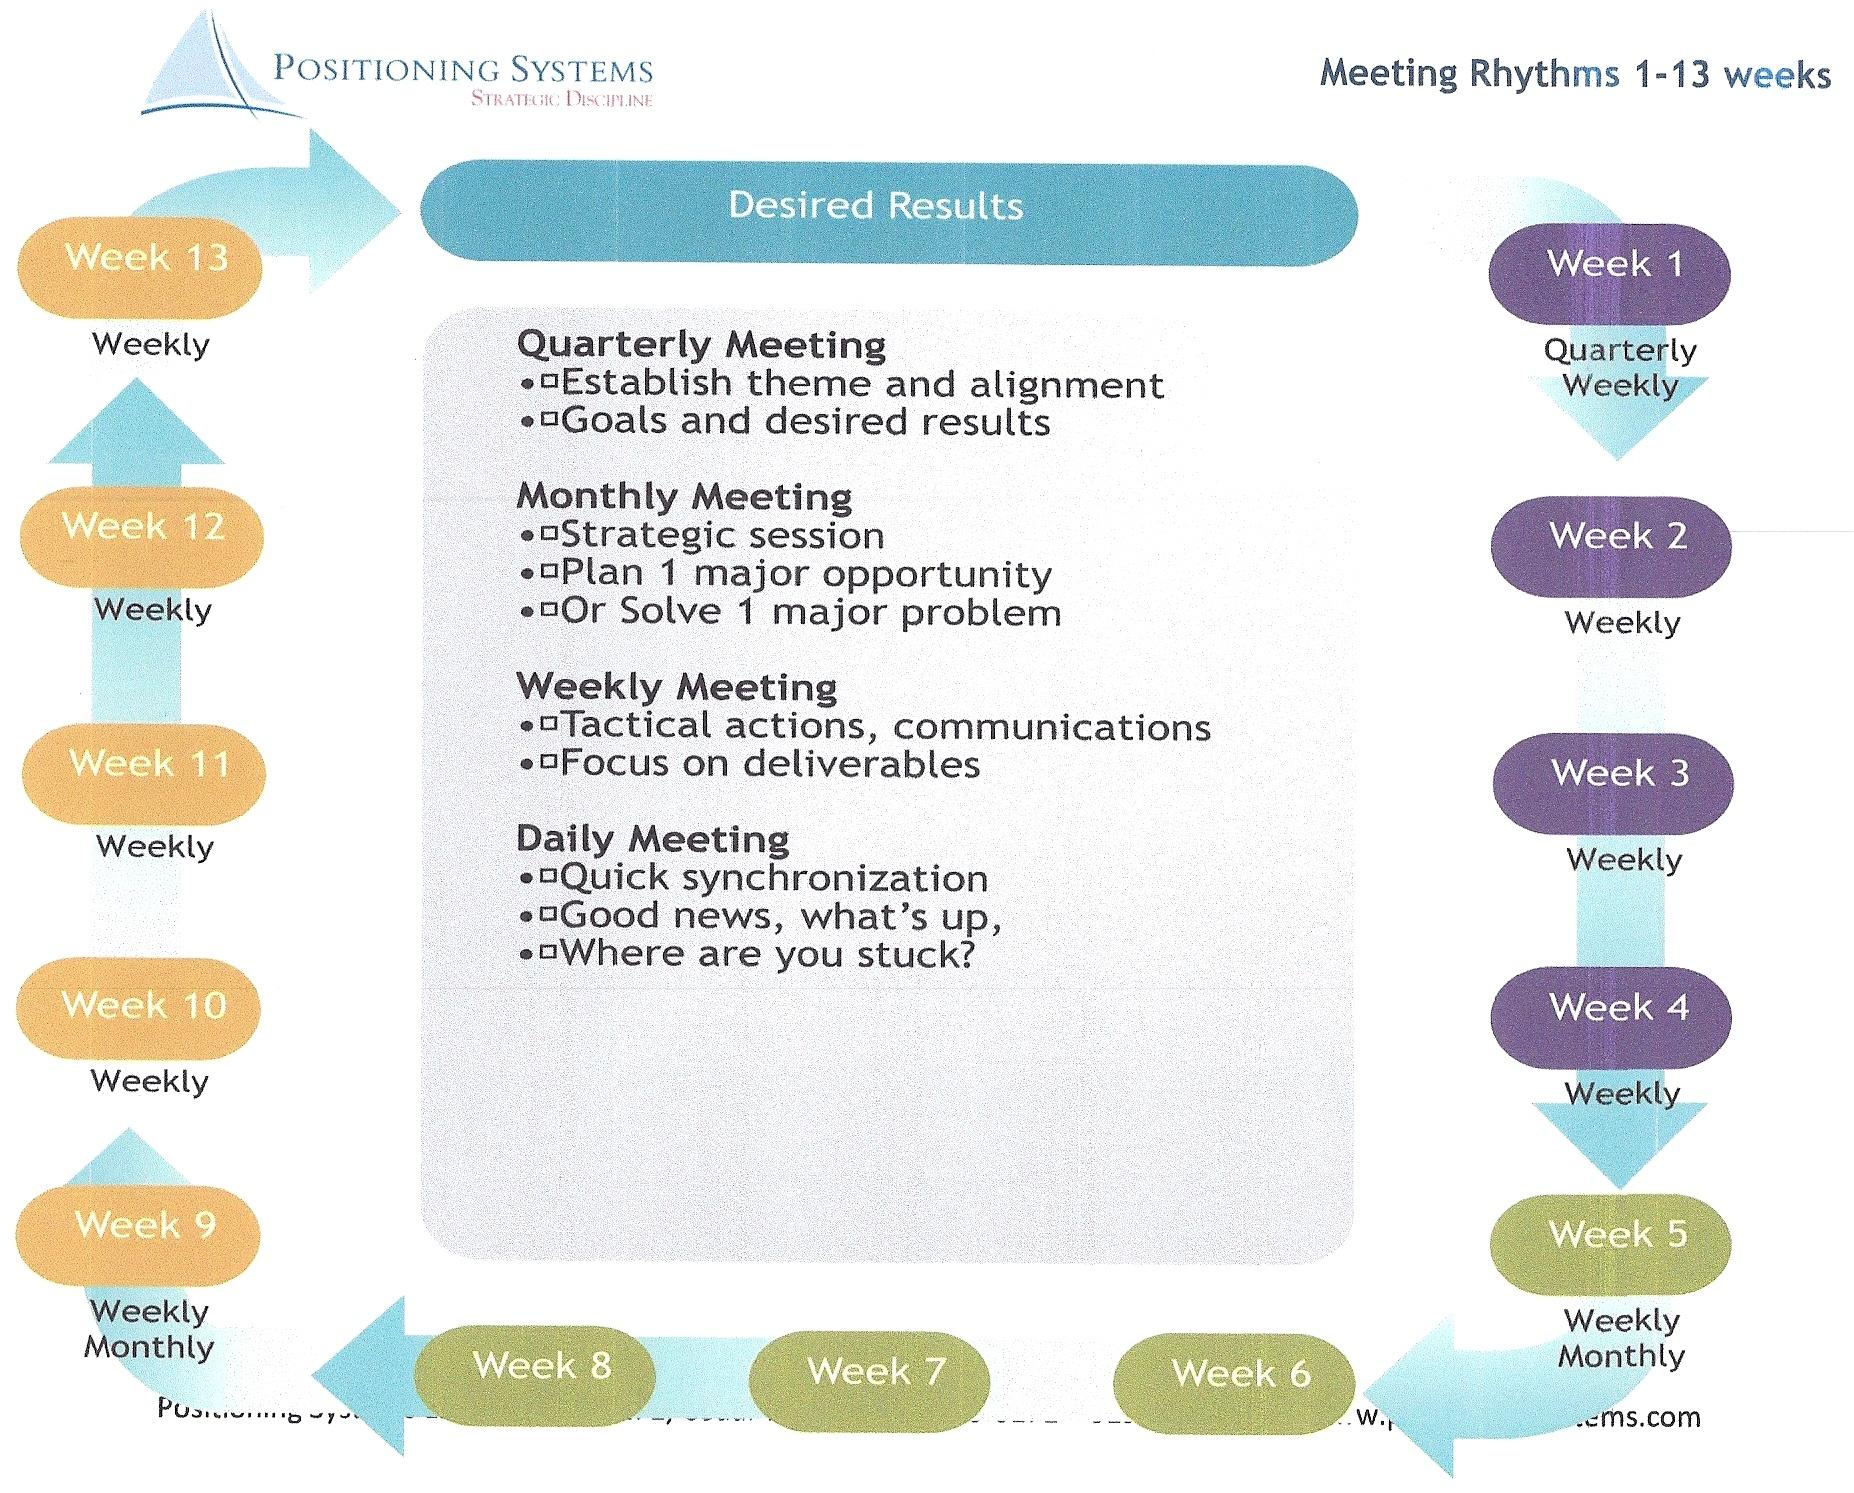 Meeting Rhythms 1-13 wks